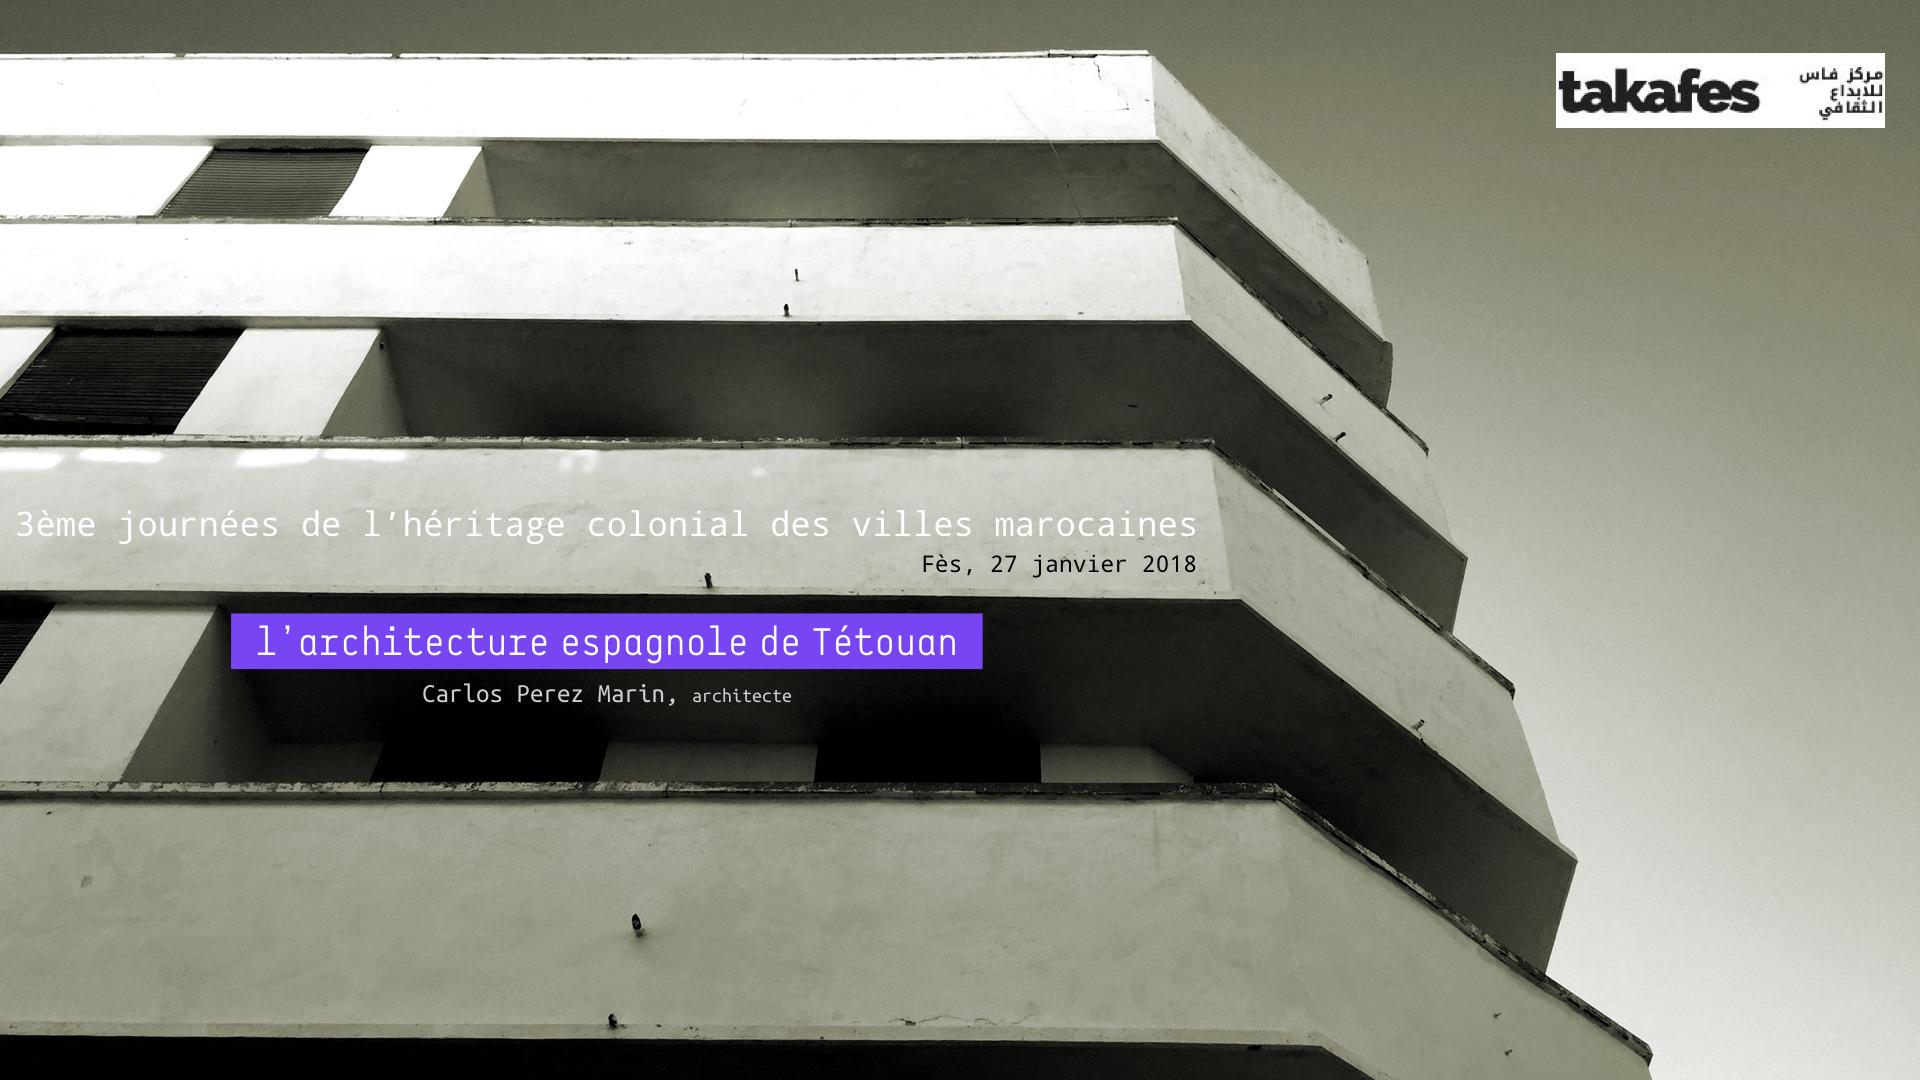 L'ARCHITECTURE ESPAGNOLE DE TÉTOUAN, Fès (Maroc) 2018